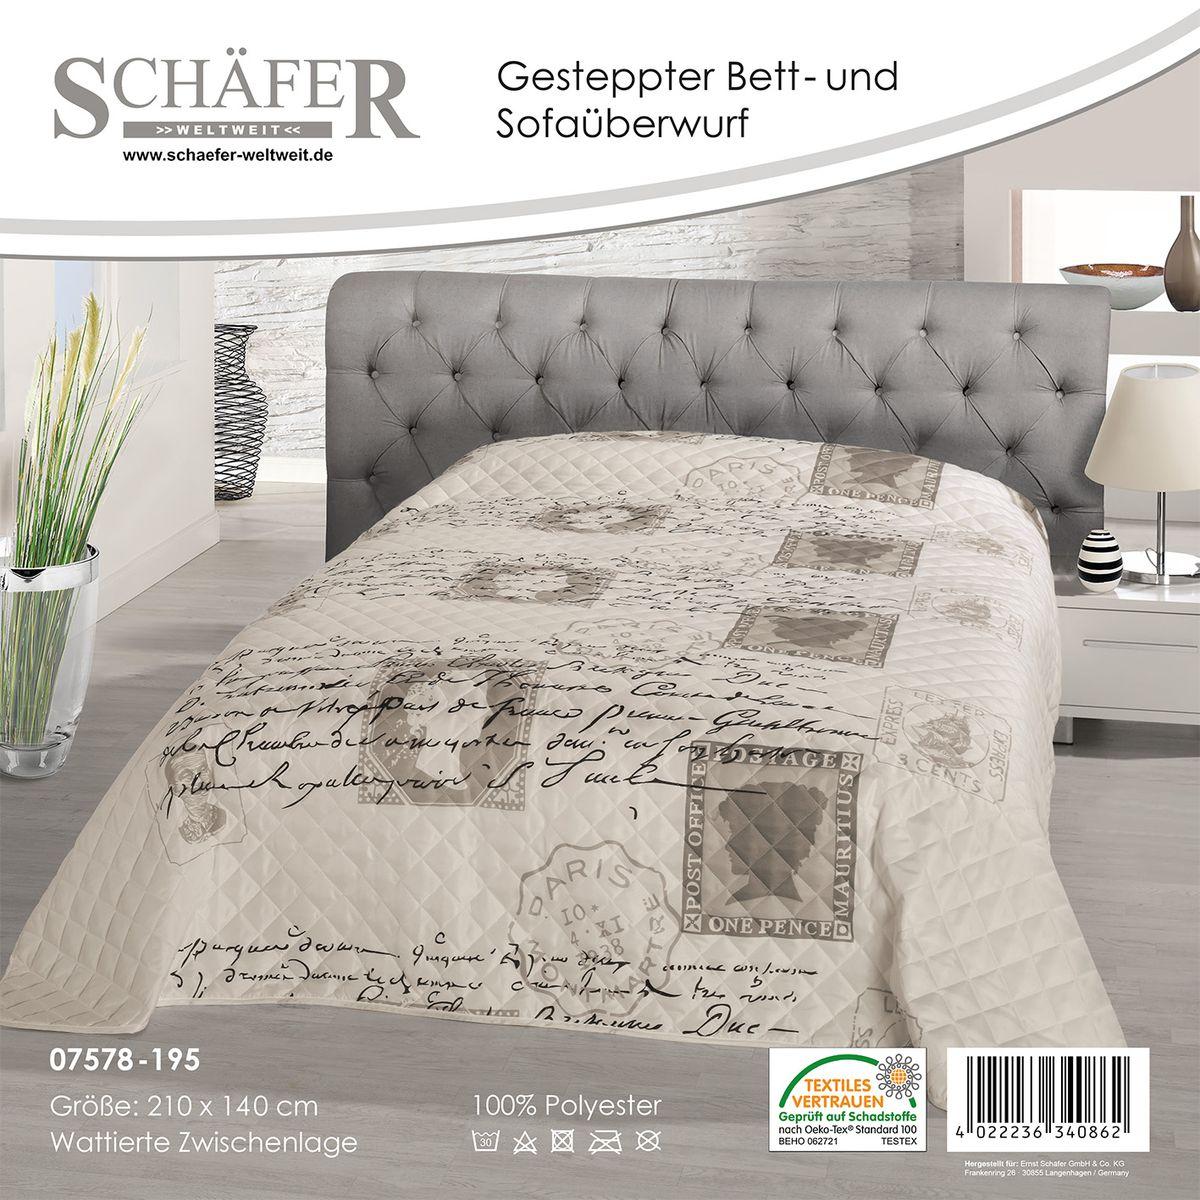 Покрывало Schaefer 220*240см, 100% полиэстер. 07578-19607578-196